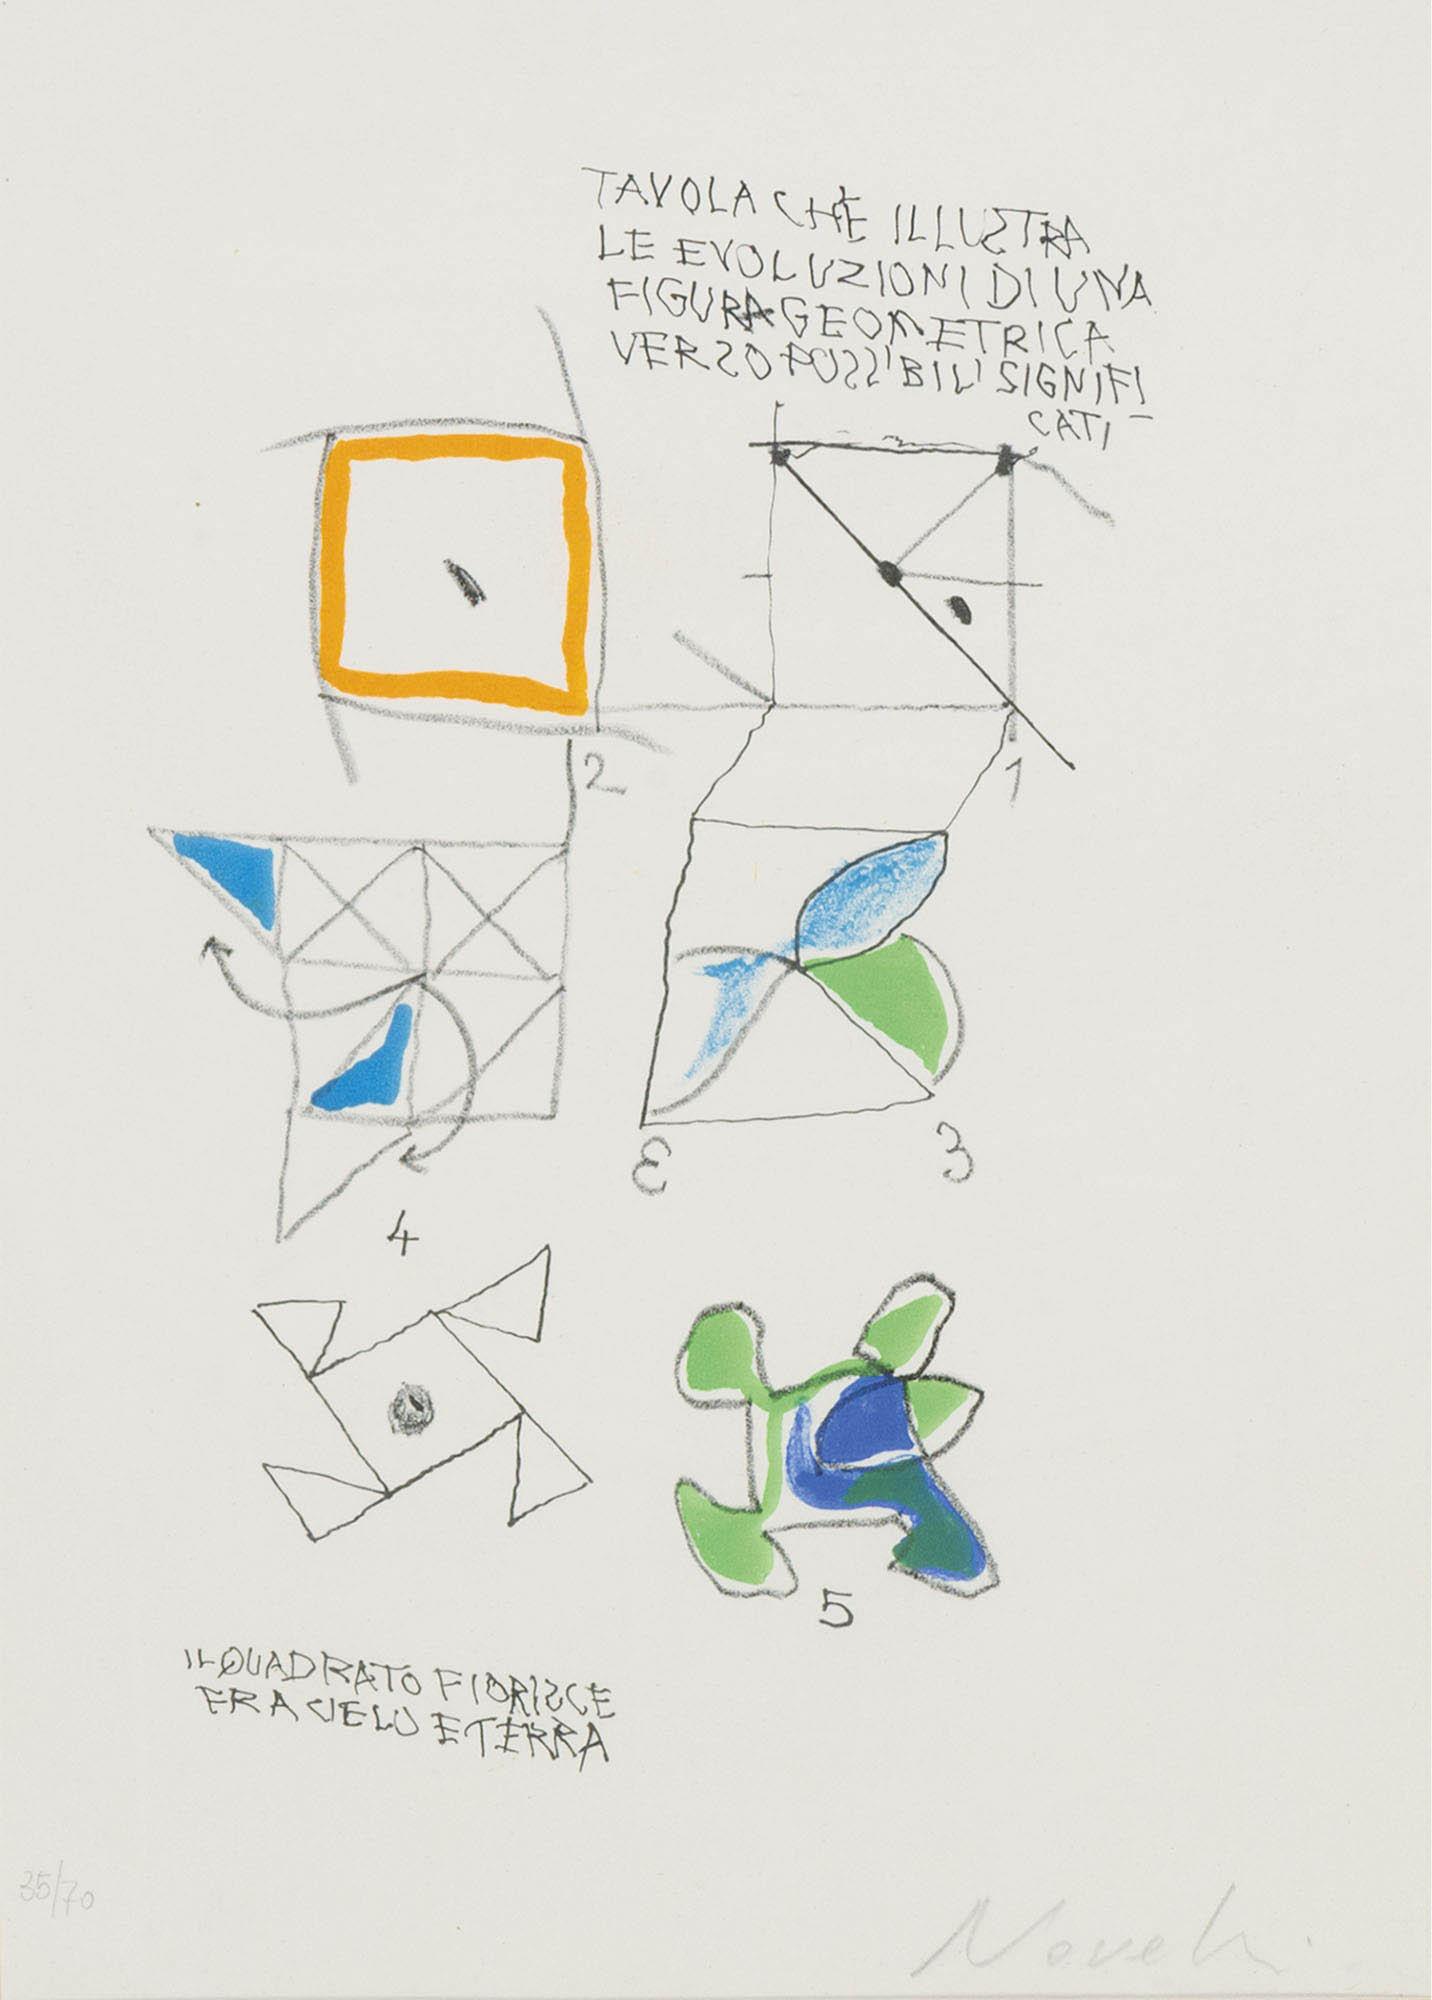 Tavola che illustra le evoluzioni…, 1965